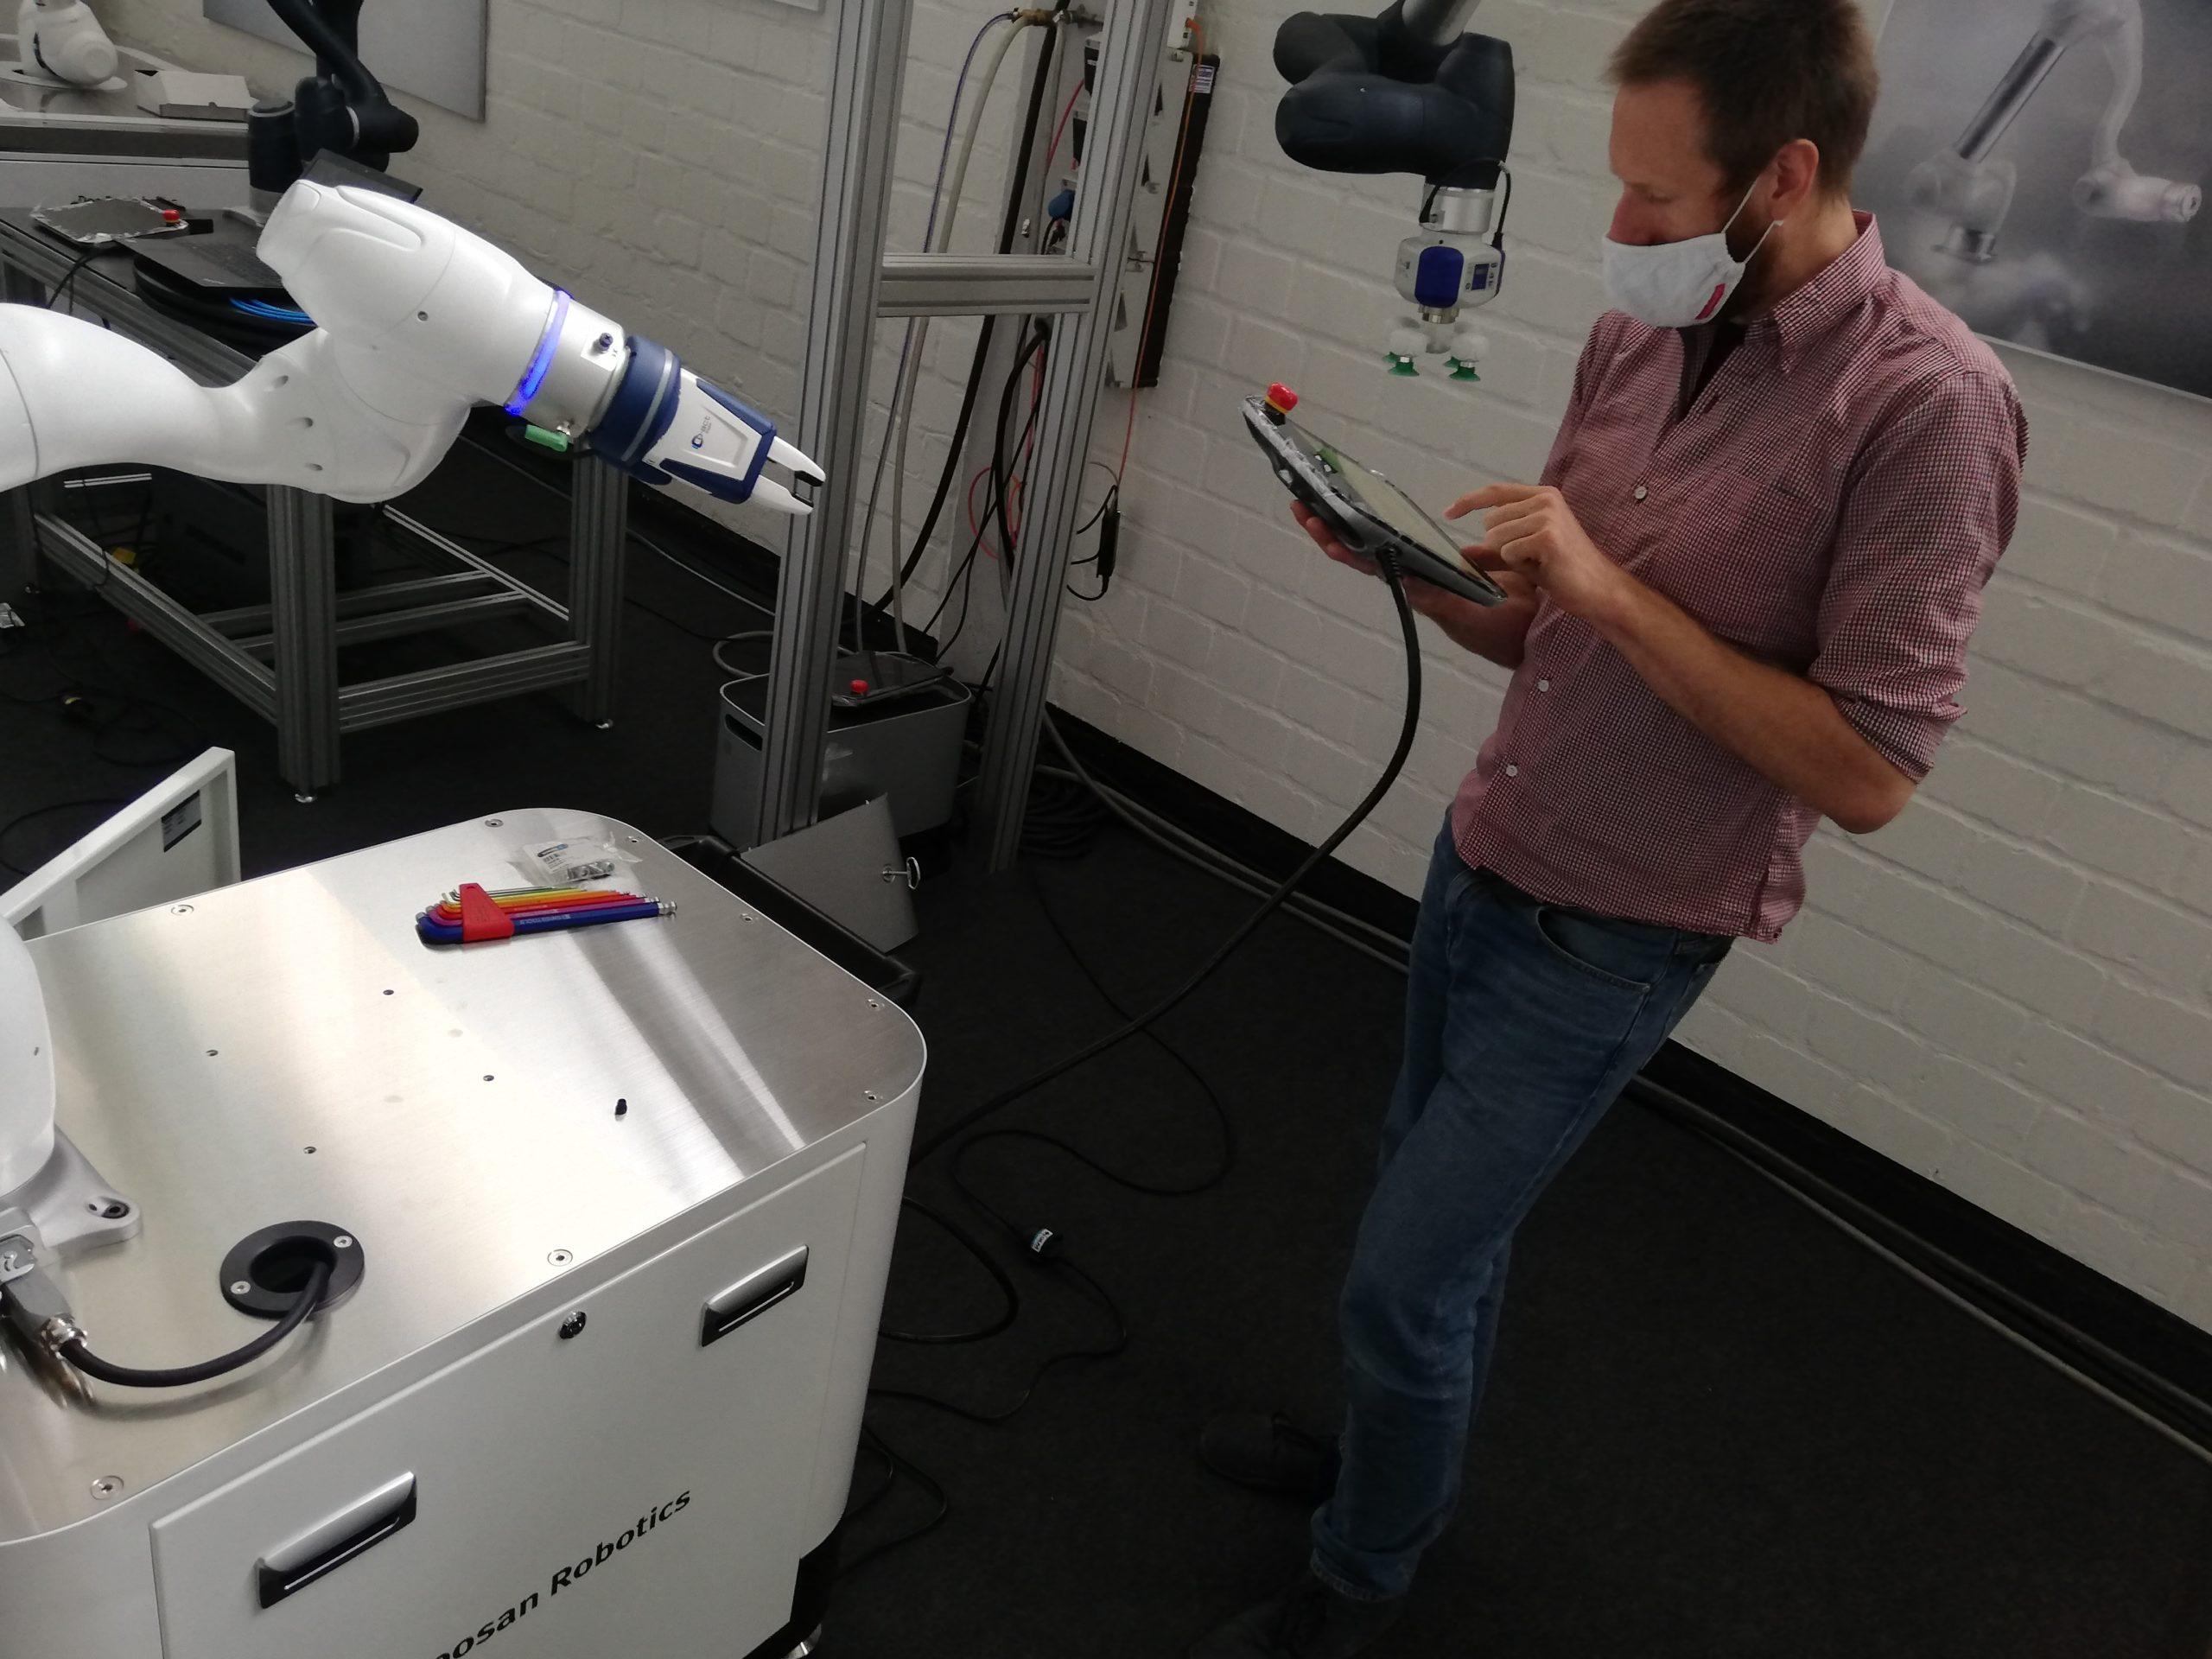 Gratis Roboter testen Doosan Robotics Termin bei Kunden Trial ausprobieren kostenlos Demo-Roboter